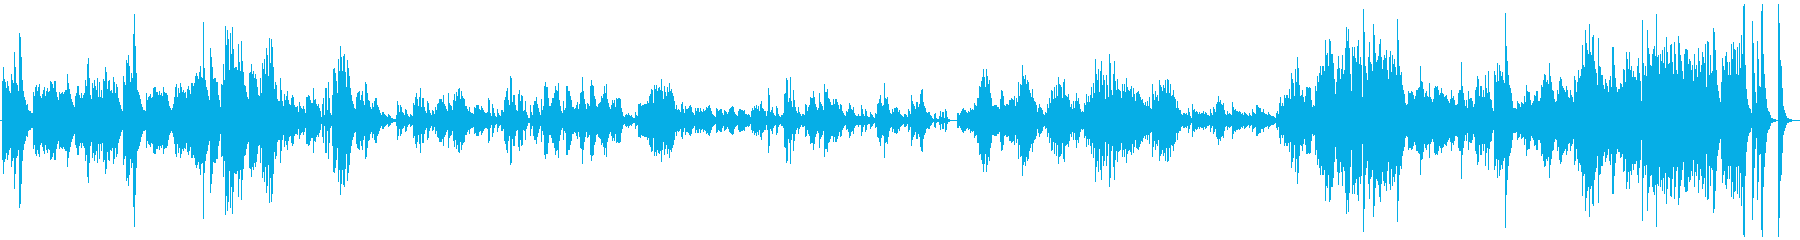 ドビュッシー ベルガマスク1プレリュードの再生済みの波形